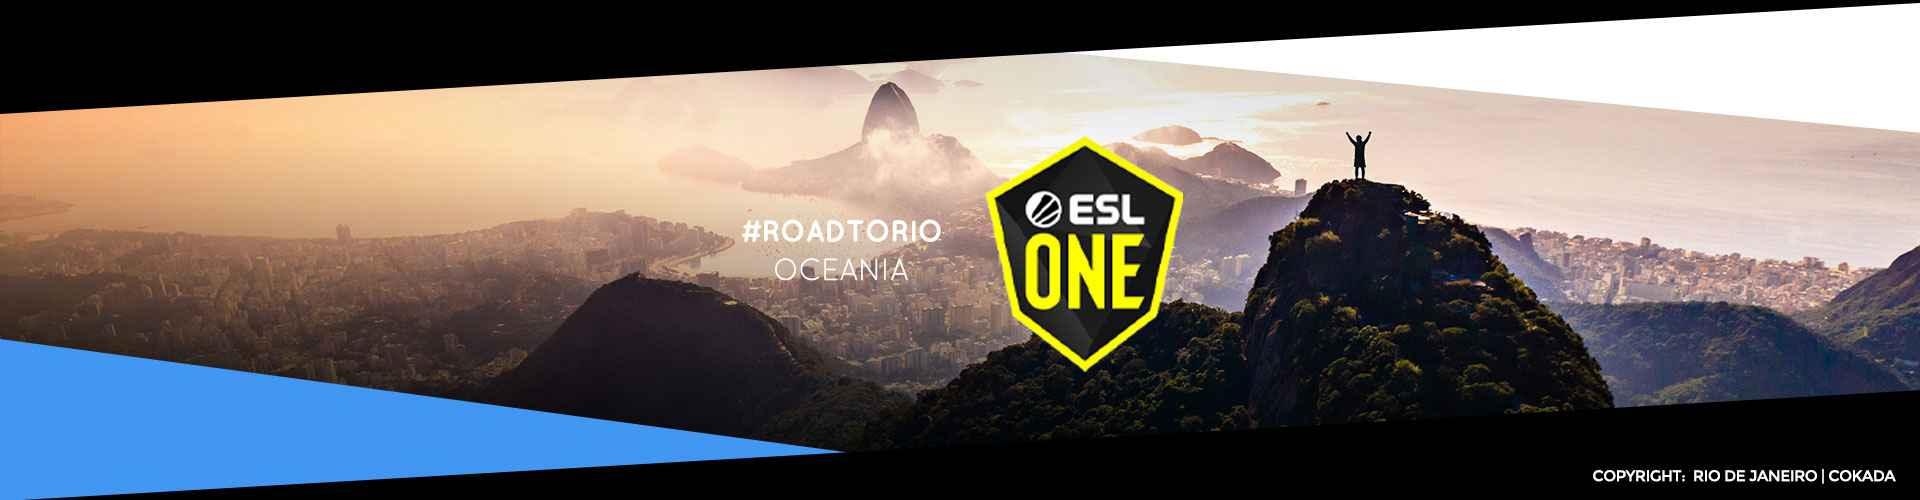 Eventsida för oceaniska ESL One: Road to Rio